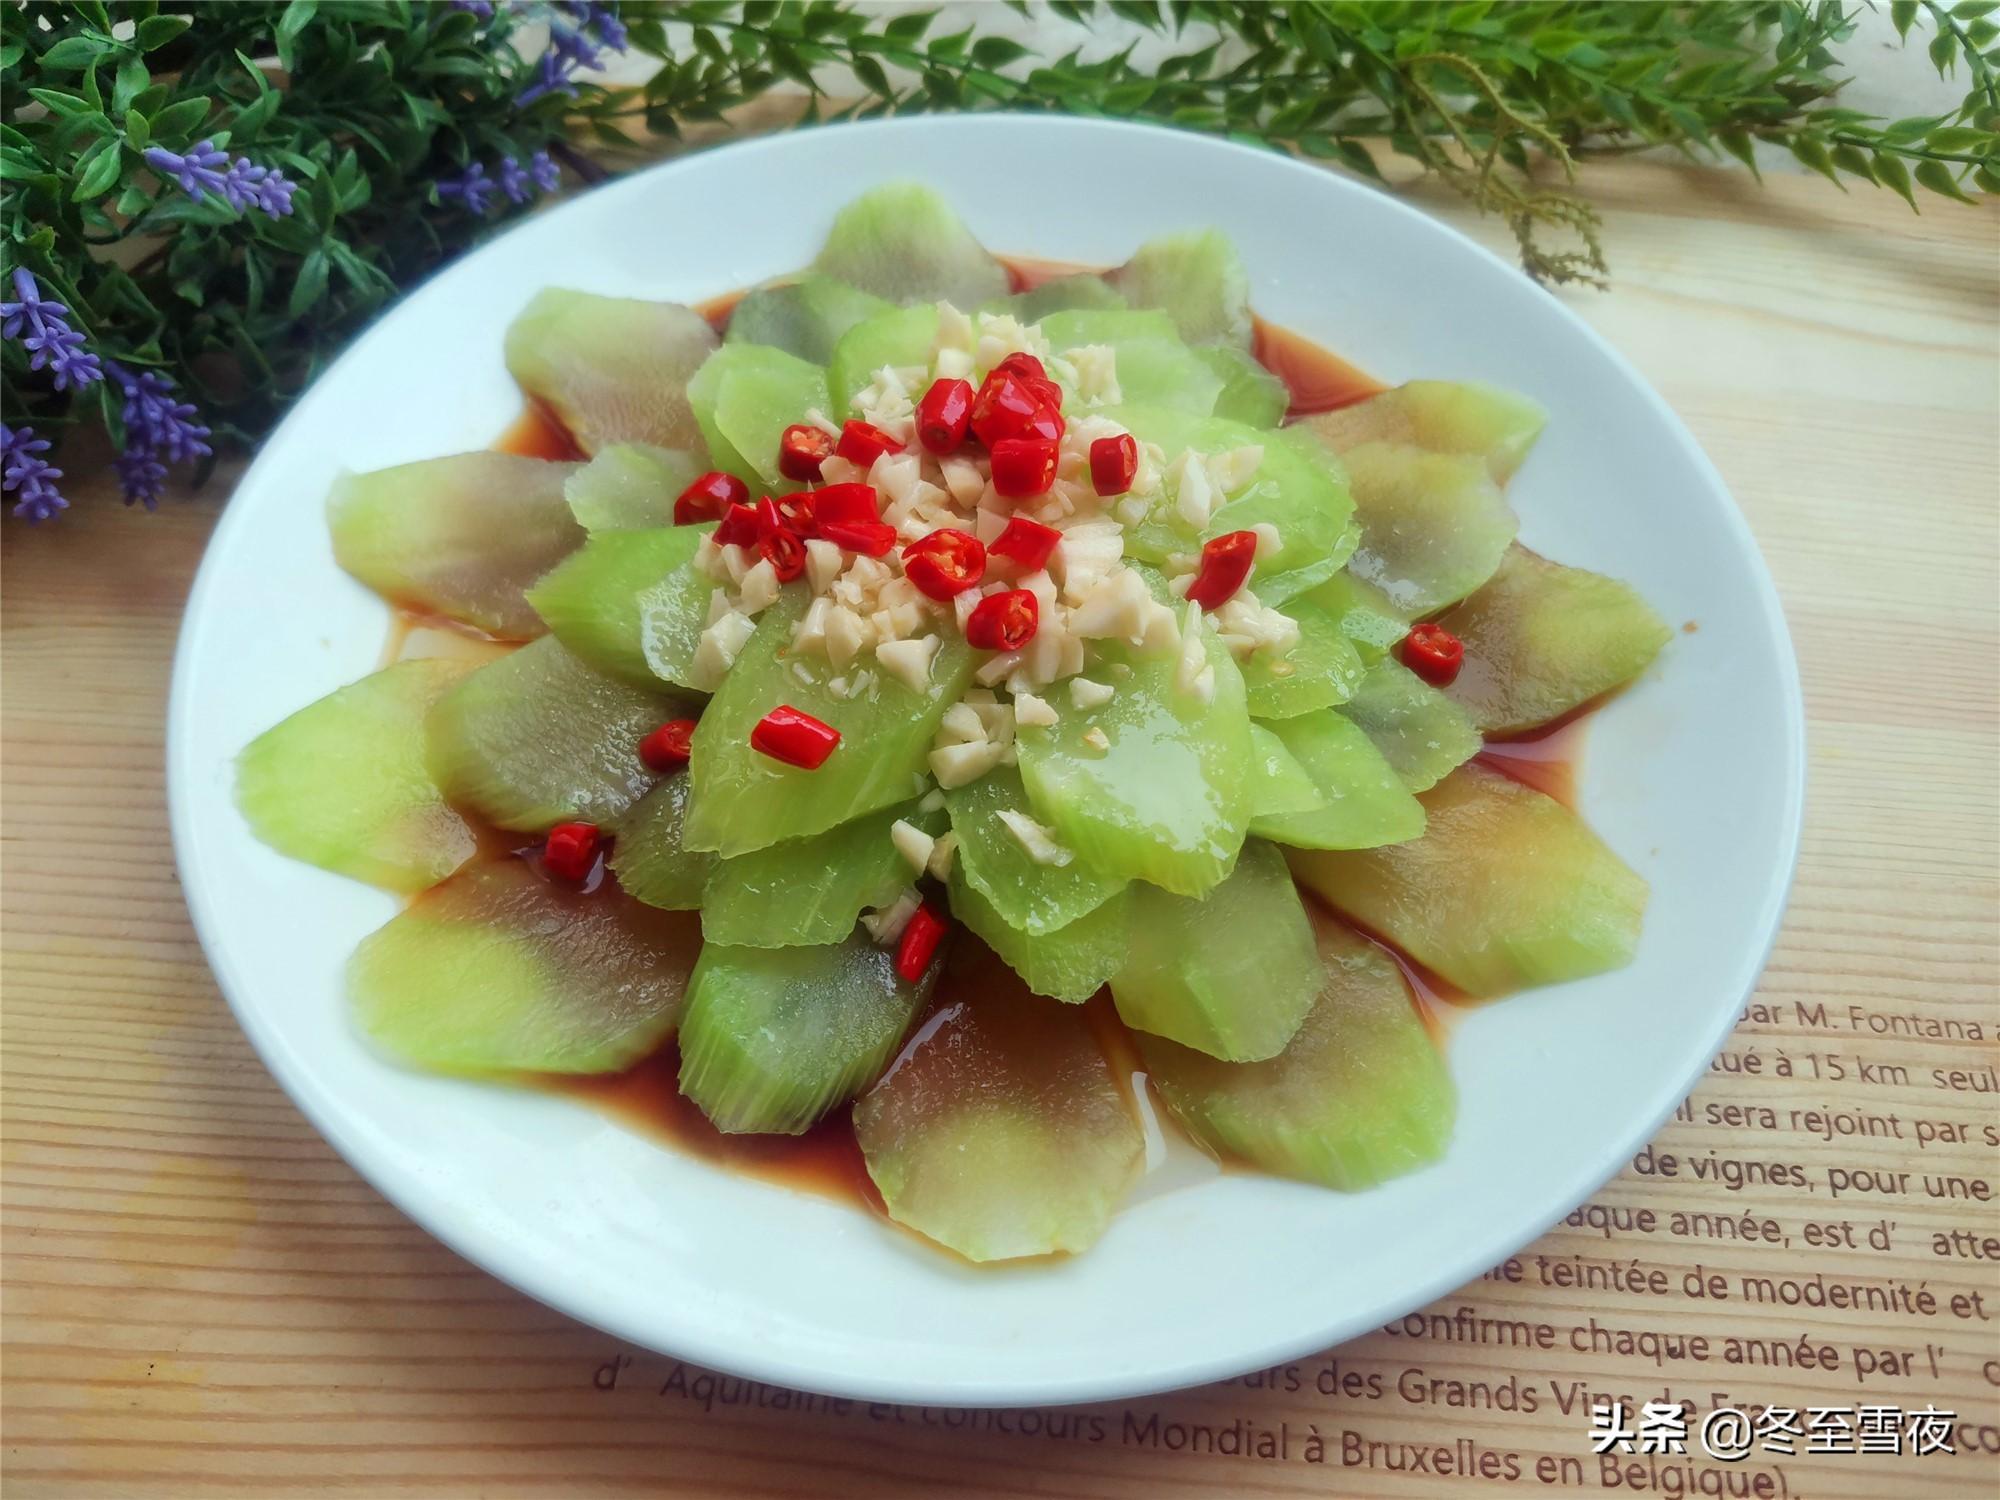 春季易上火,家里常吃这几种蔬菜,清火祛春燥 美食做法 第4张